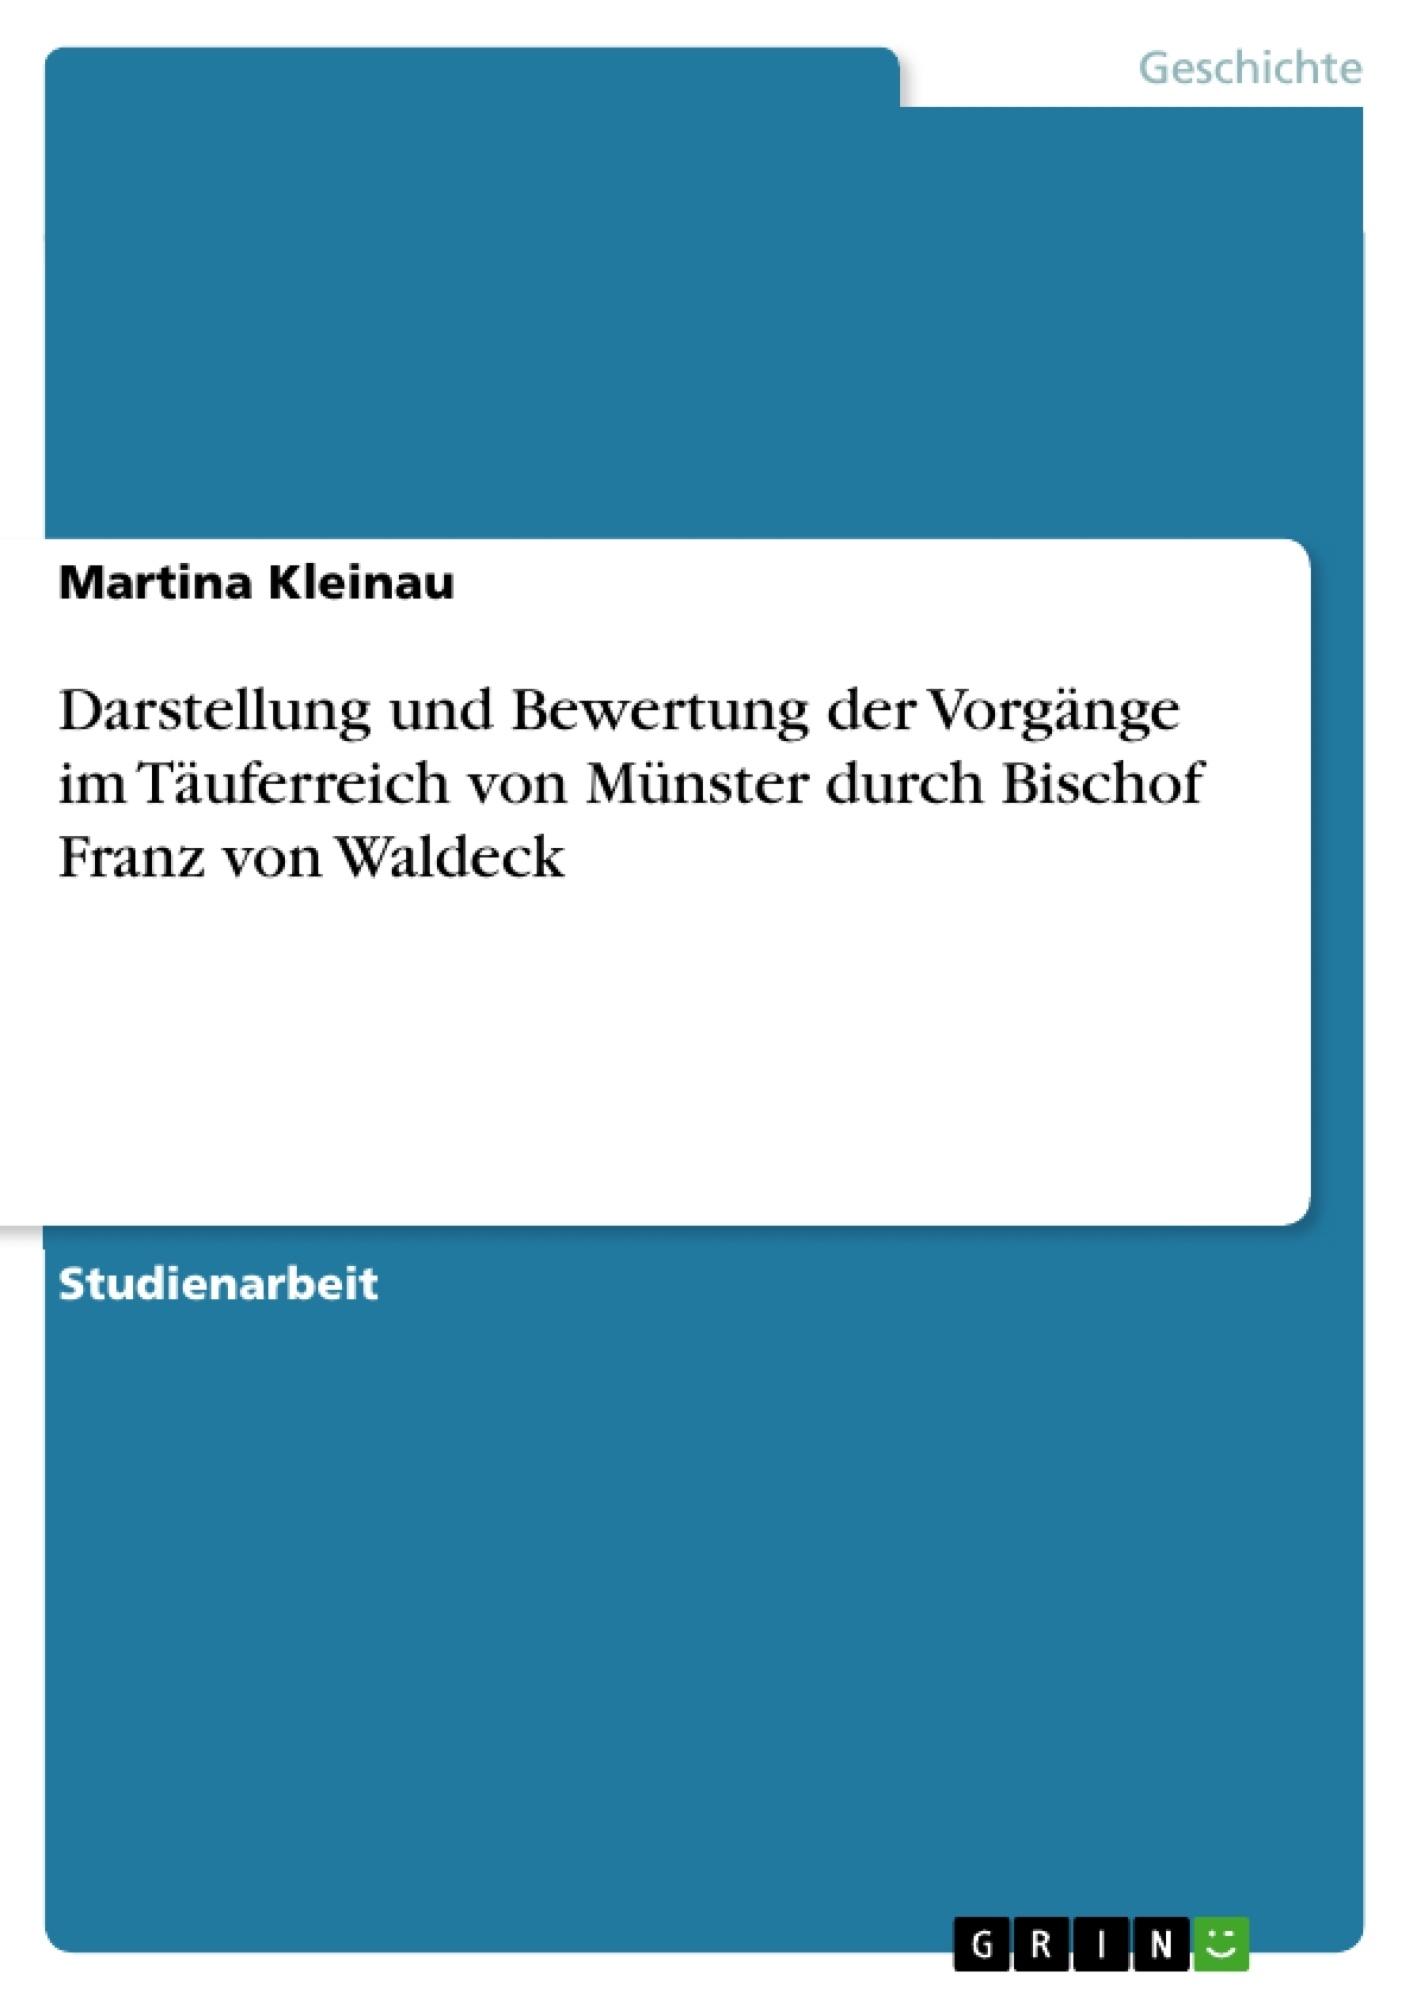 Titel: Darstellung und Bewertung der Vorgänge im Täuferreich von Münster durch Bischof Franz von Waldeck